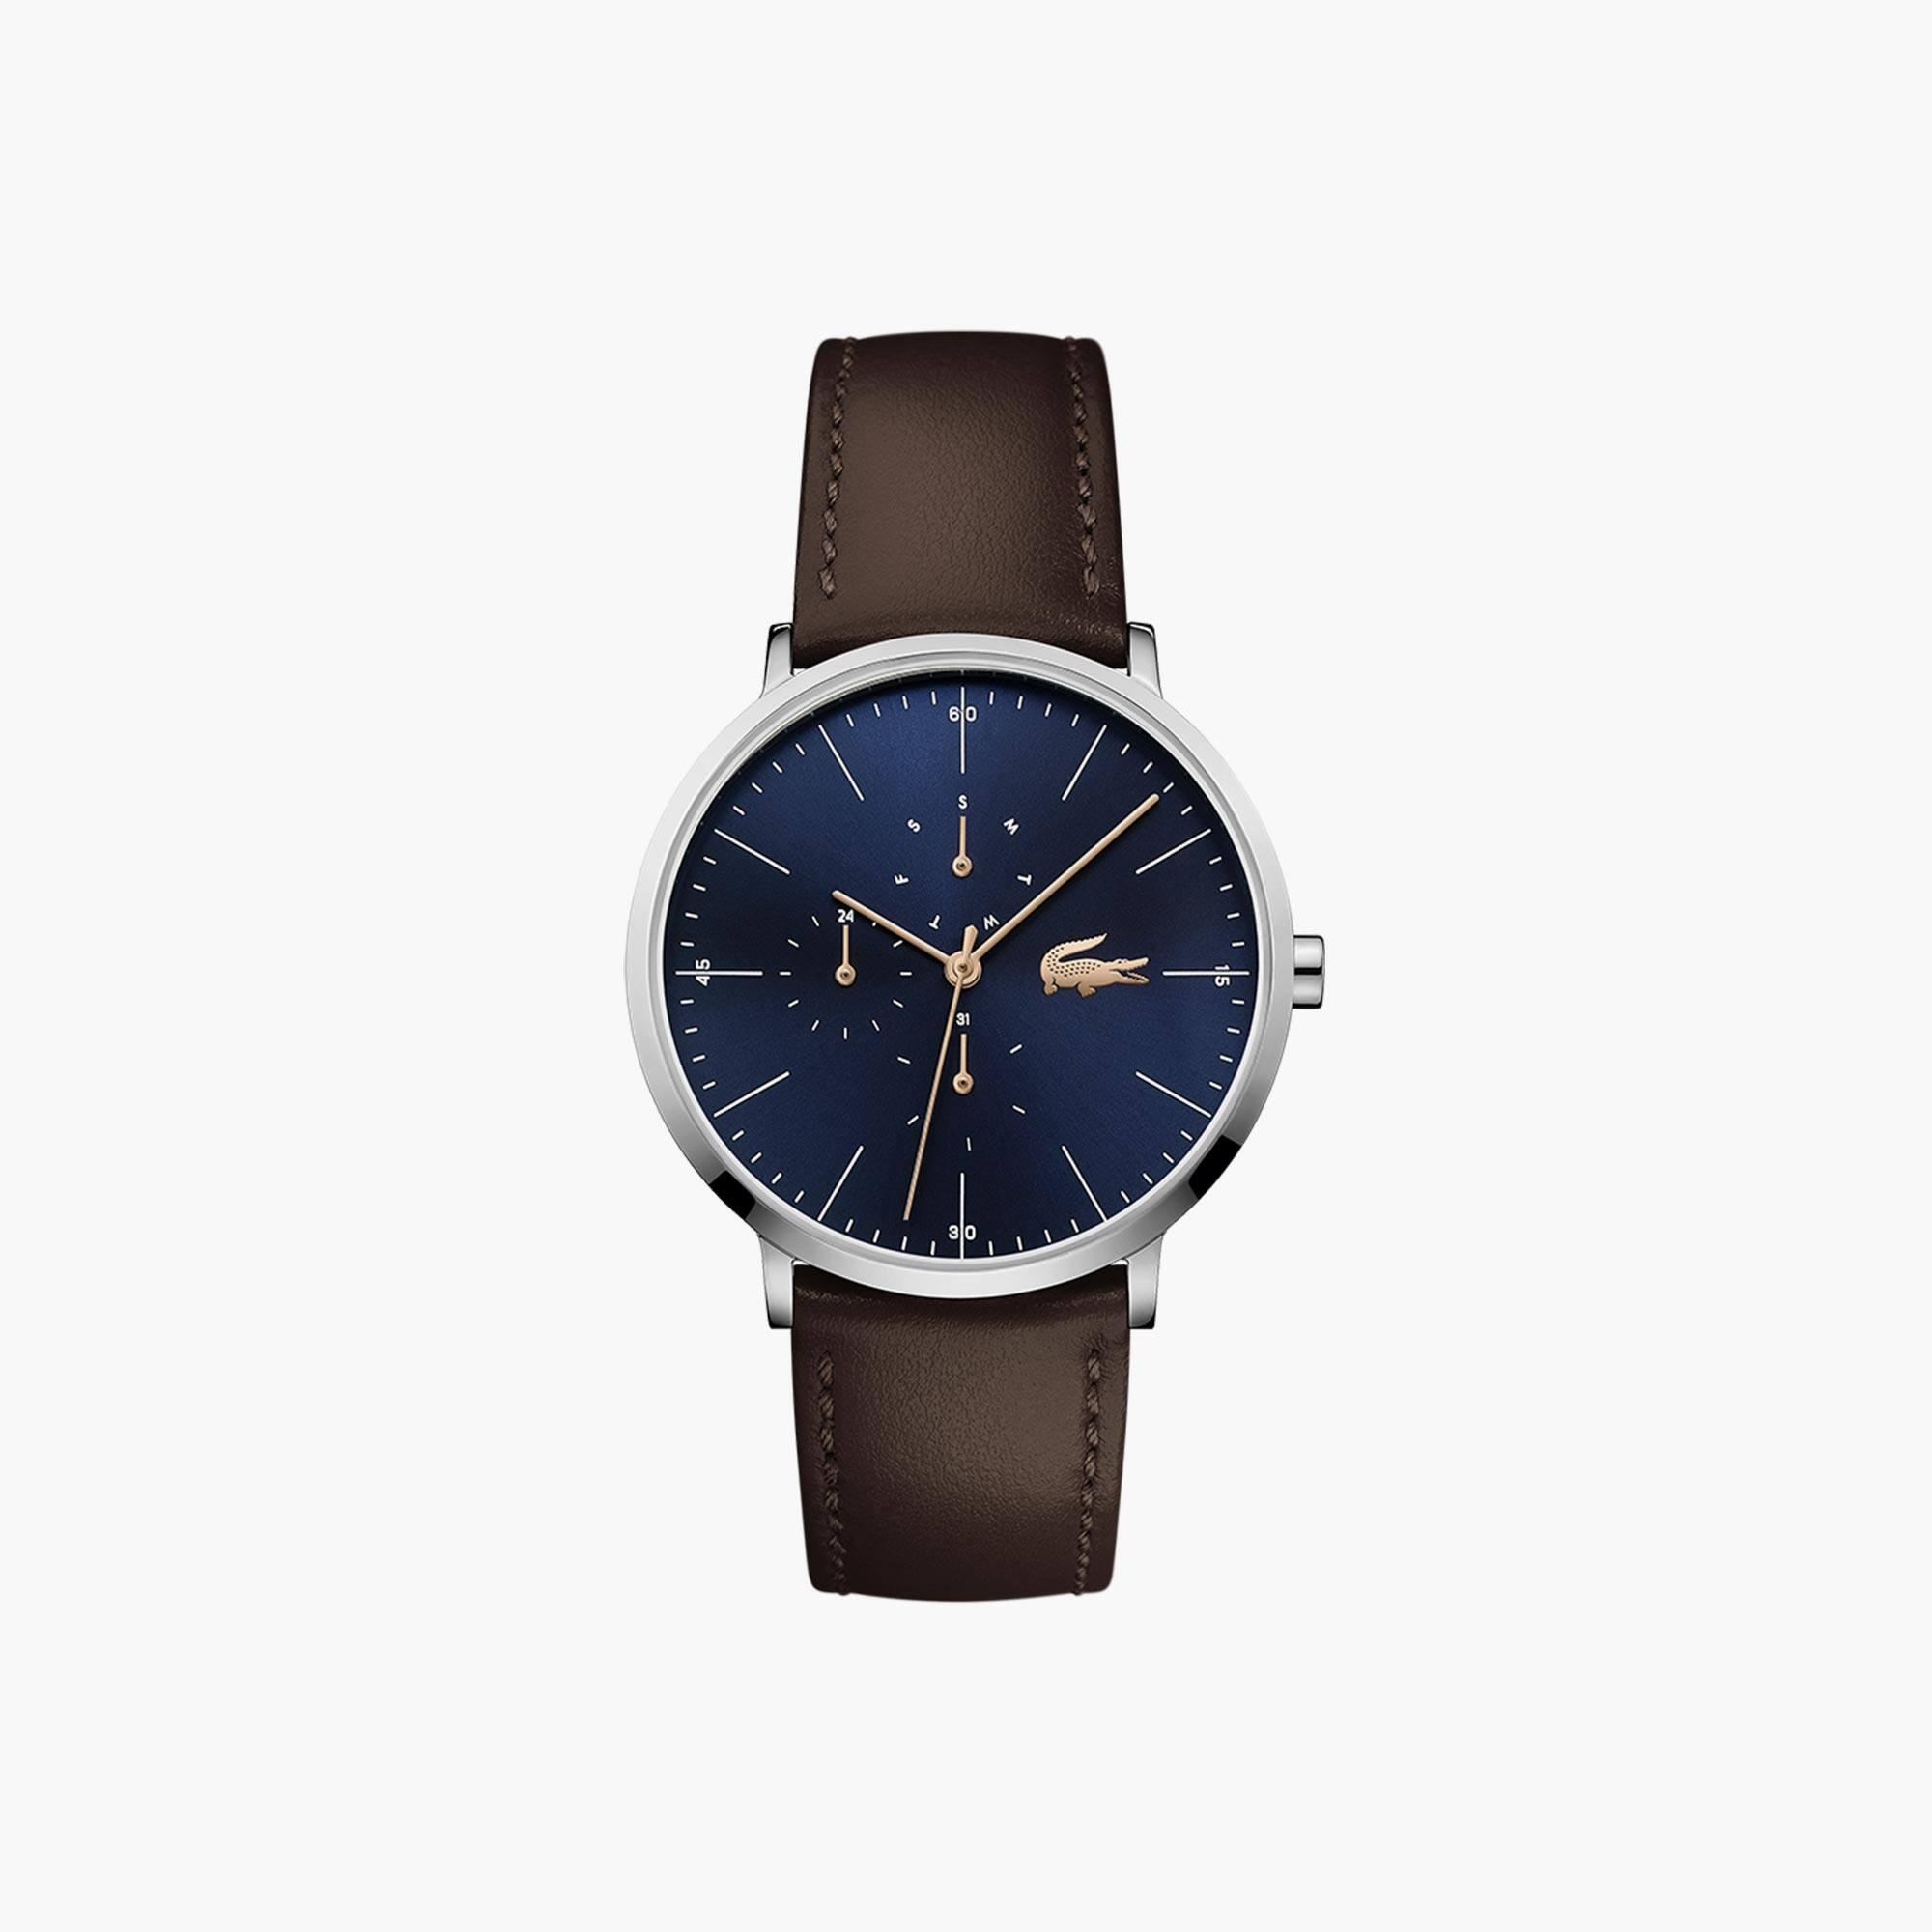 Reloj de Hombre Moon Multifunción Ultrafino con Correa de Piel Marrón